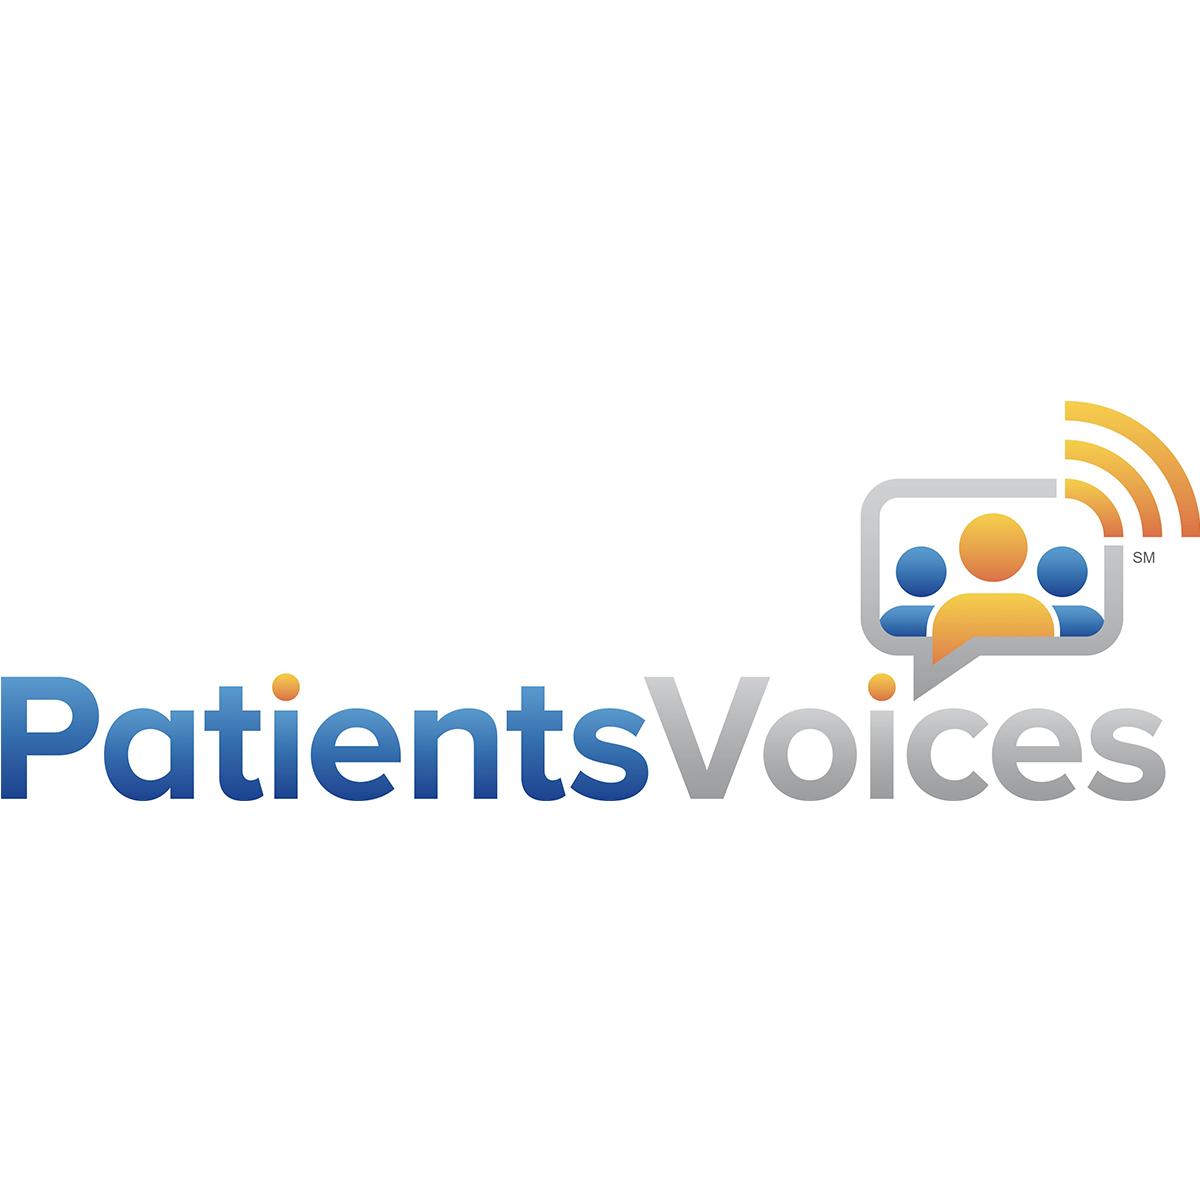 patient voices.png